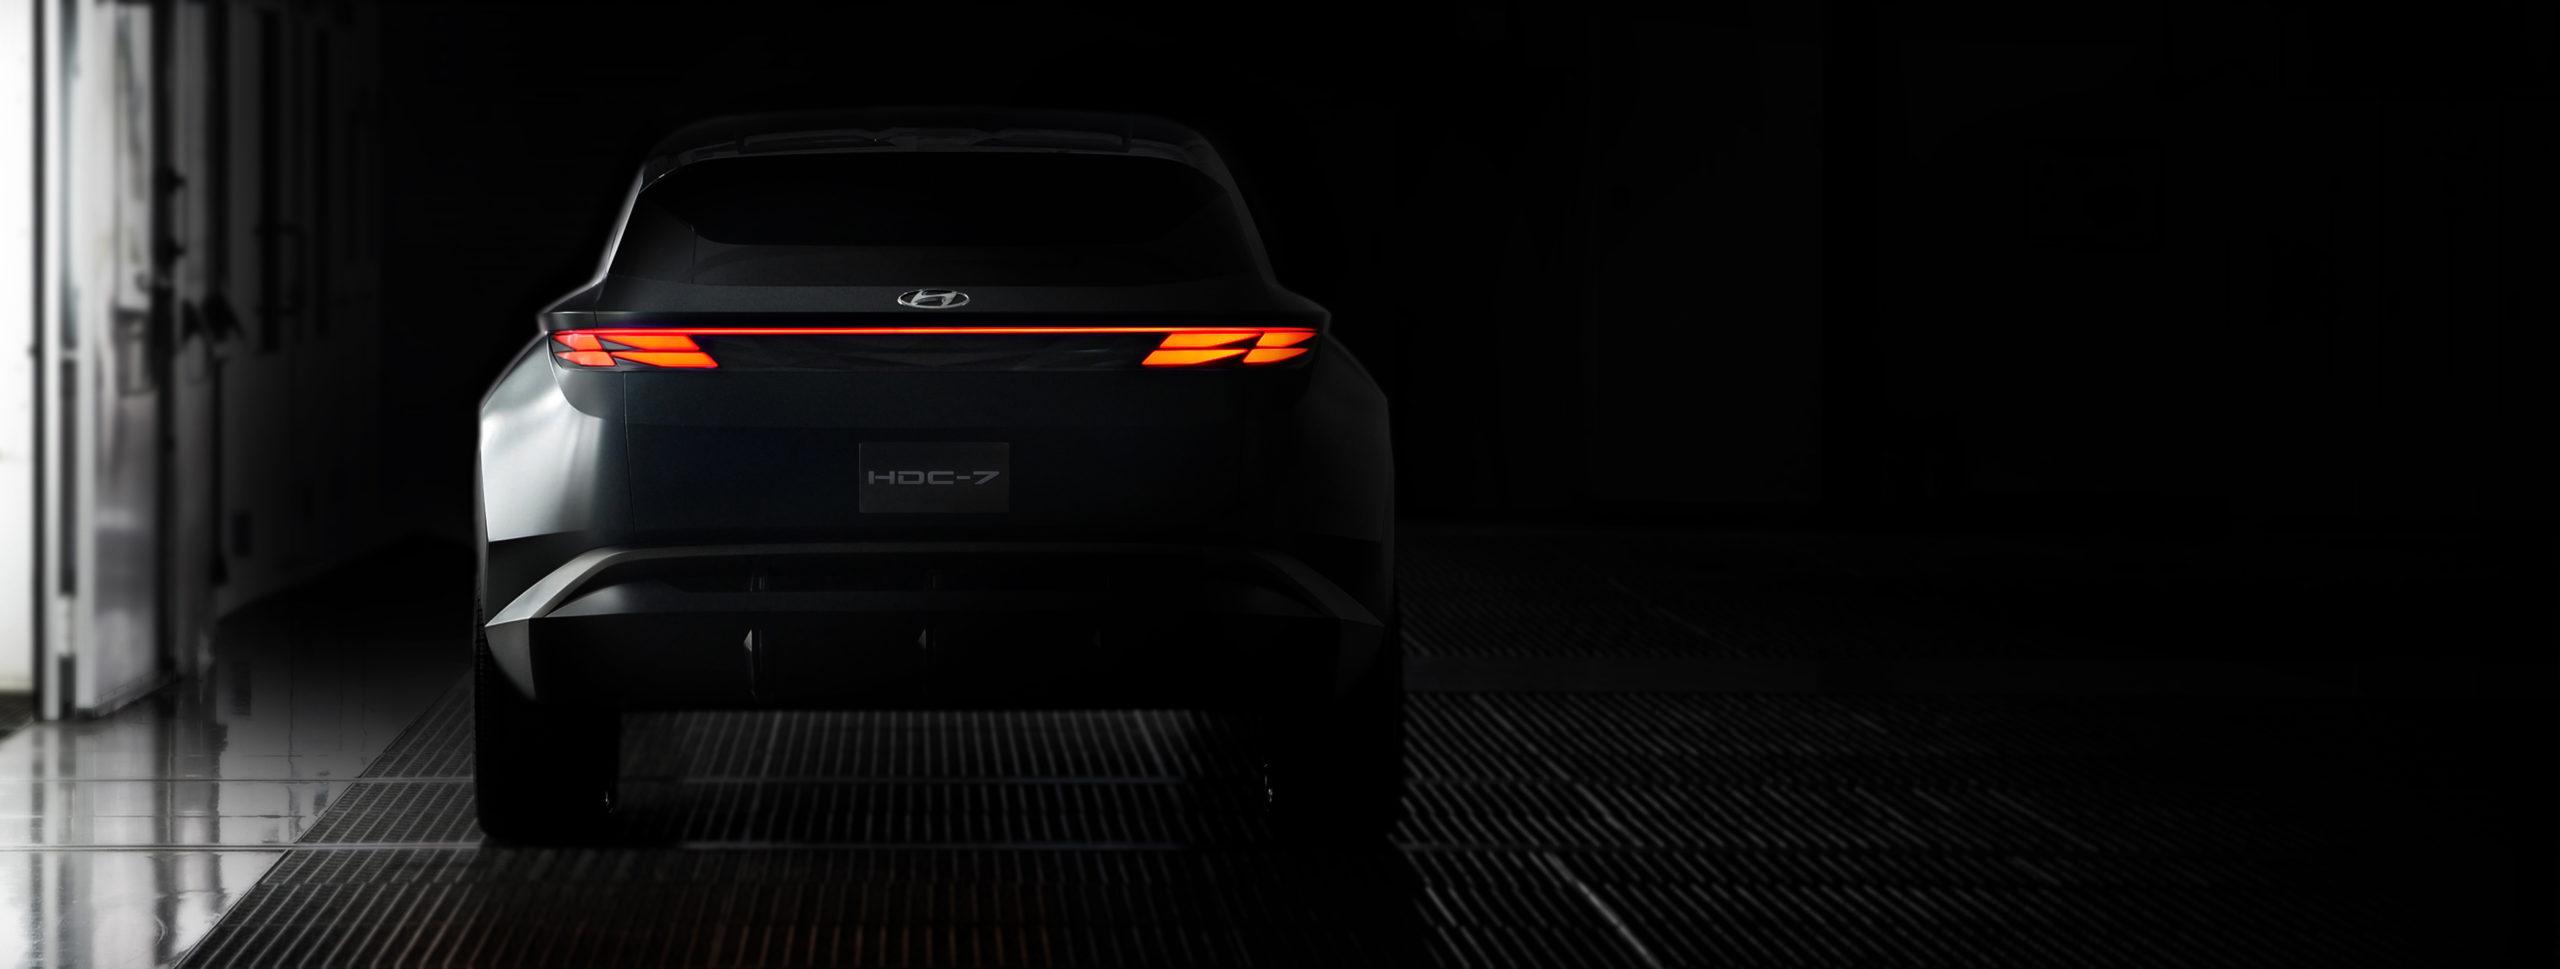 Hyundai y su estrategia 2025 para soluciones de movilidad inteligente